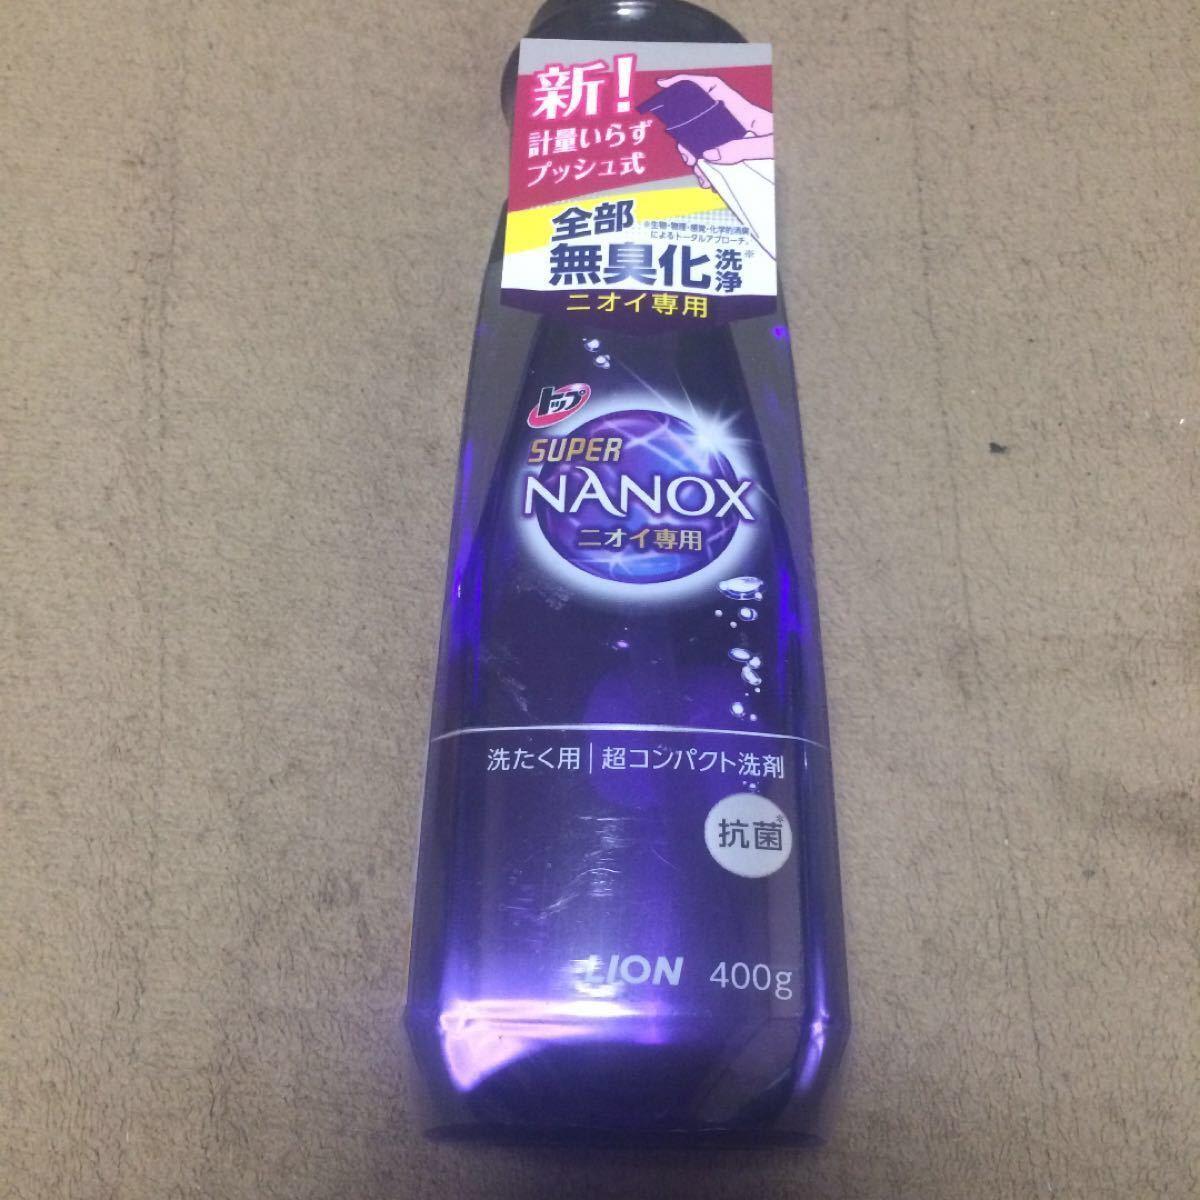 【2本セット】トップスーパーNANOXニオイ専用プッシュボトル 400g